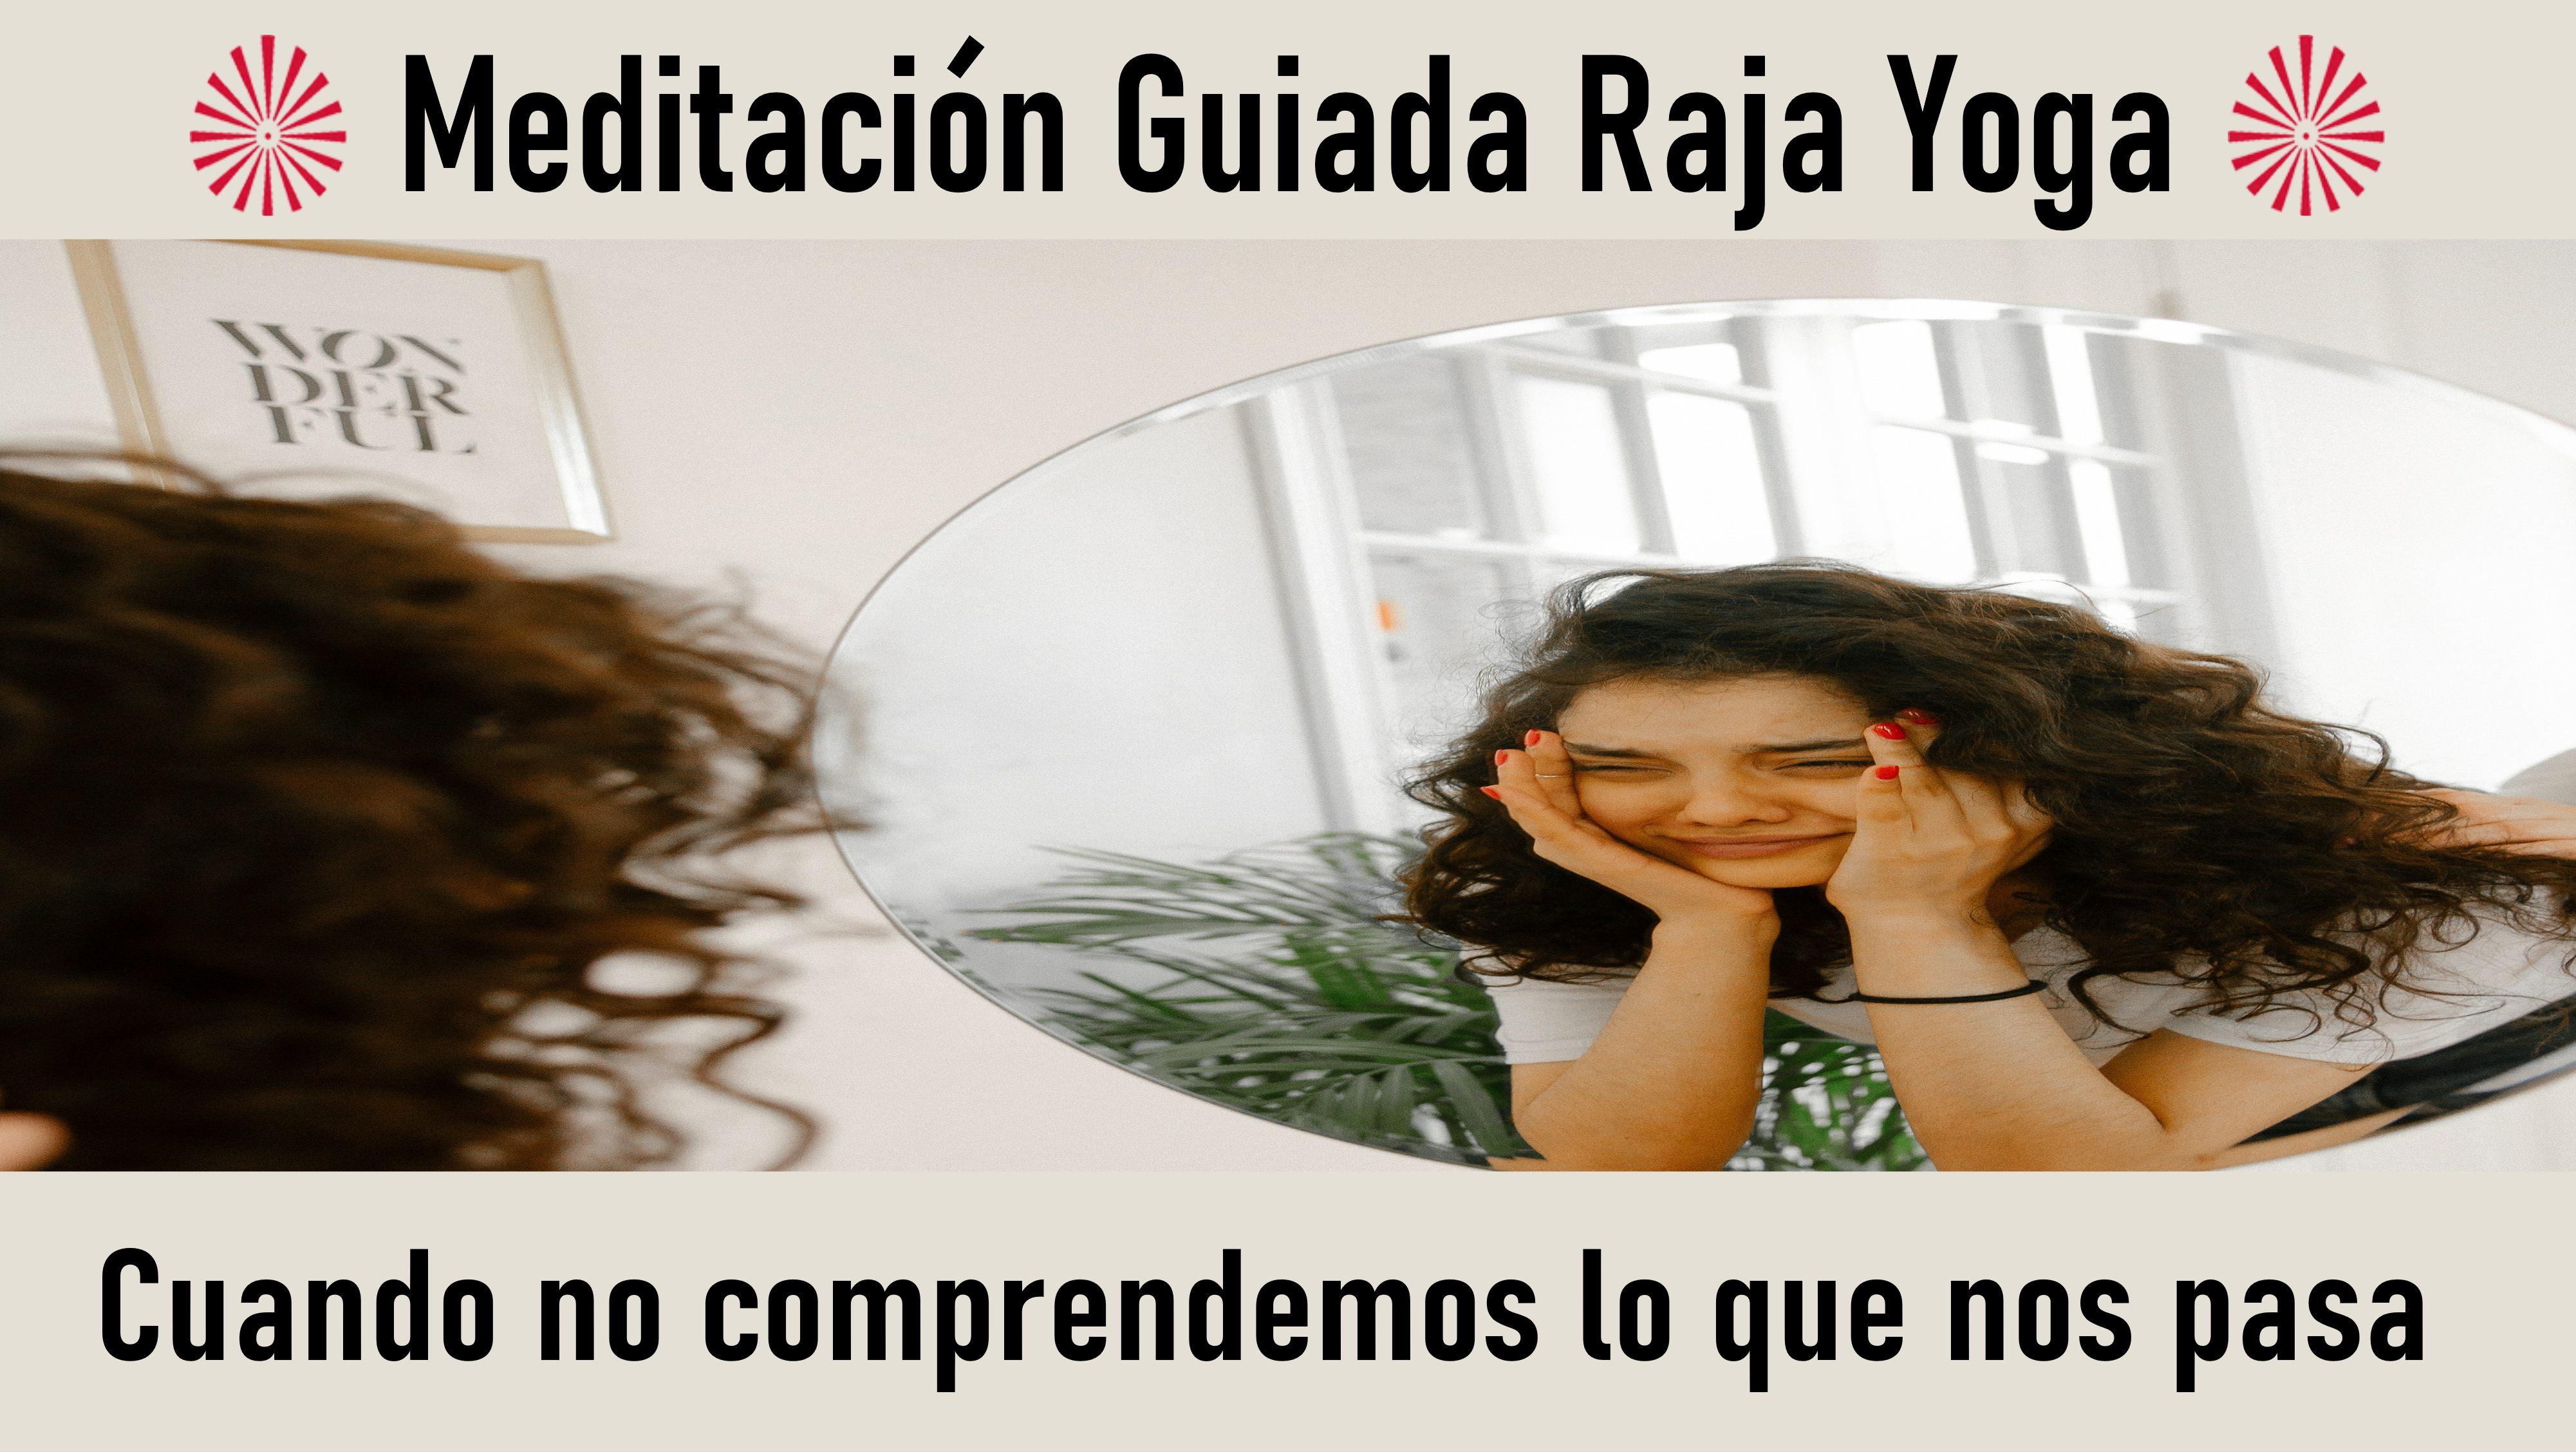 19 Sptiembre 2020 Meditación guiada: Cuando no comprendemos lo que nos pasa